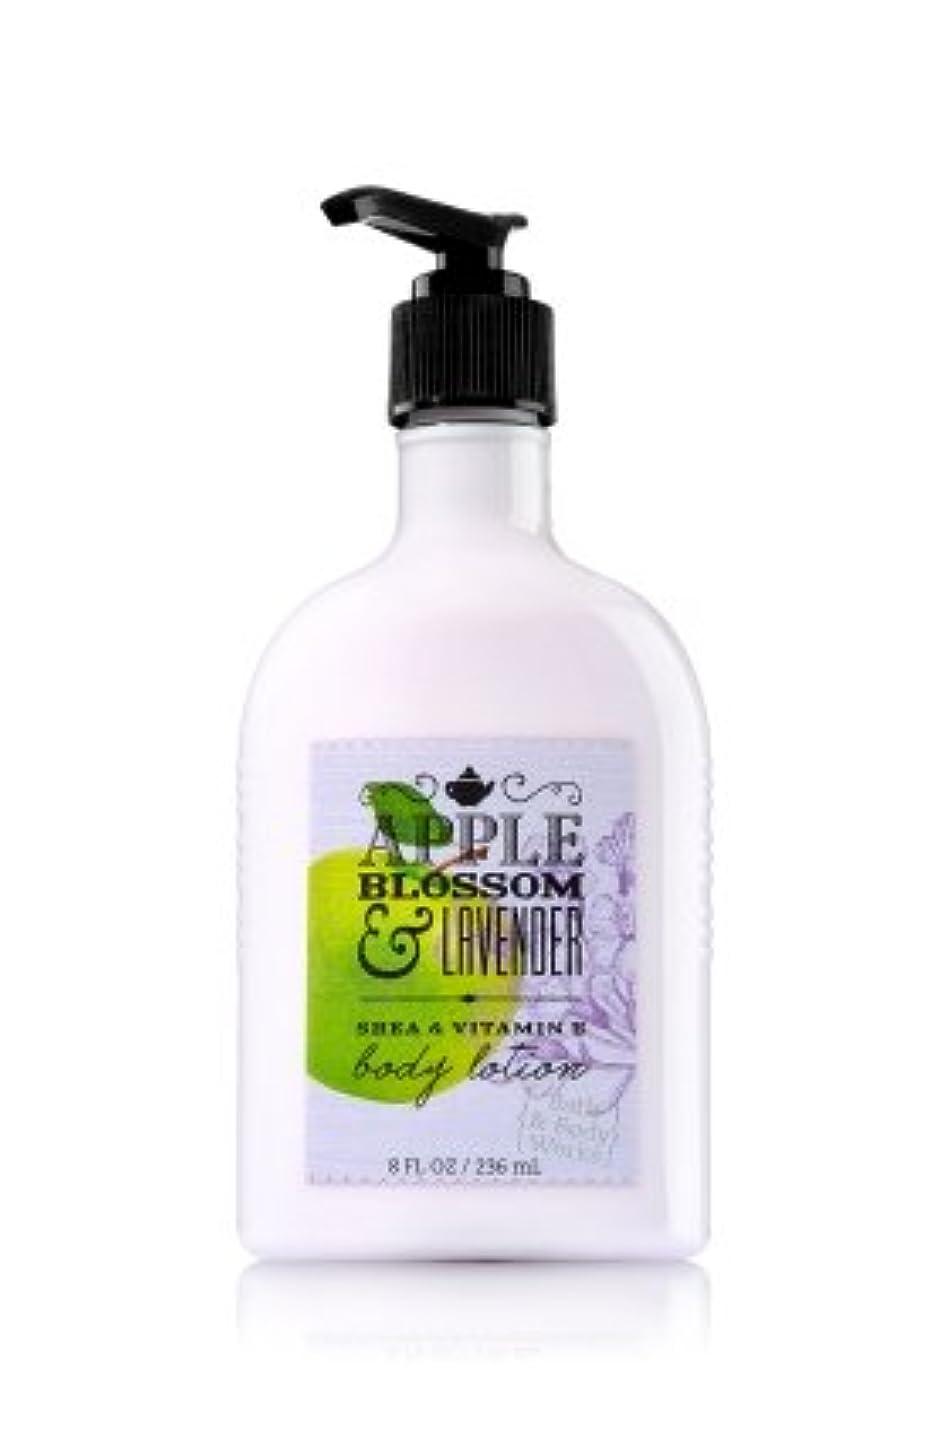 浴室フェンス測る【Bath&Body Works/バス&ボディワークス】 ボディローション アップルブロッサム&ラベンダー Body Lotion Apple Blossom & Lavender 8 fl oz / 236 mL [並行輸入品]